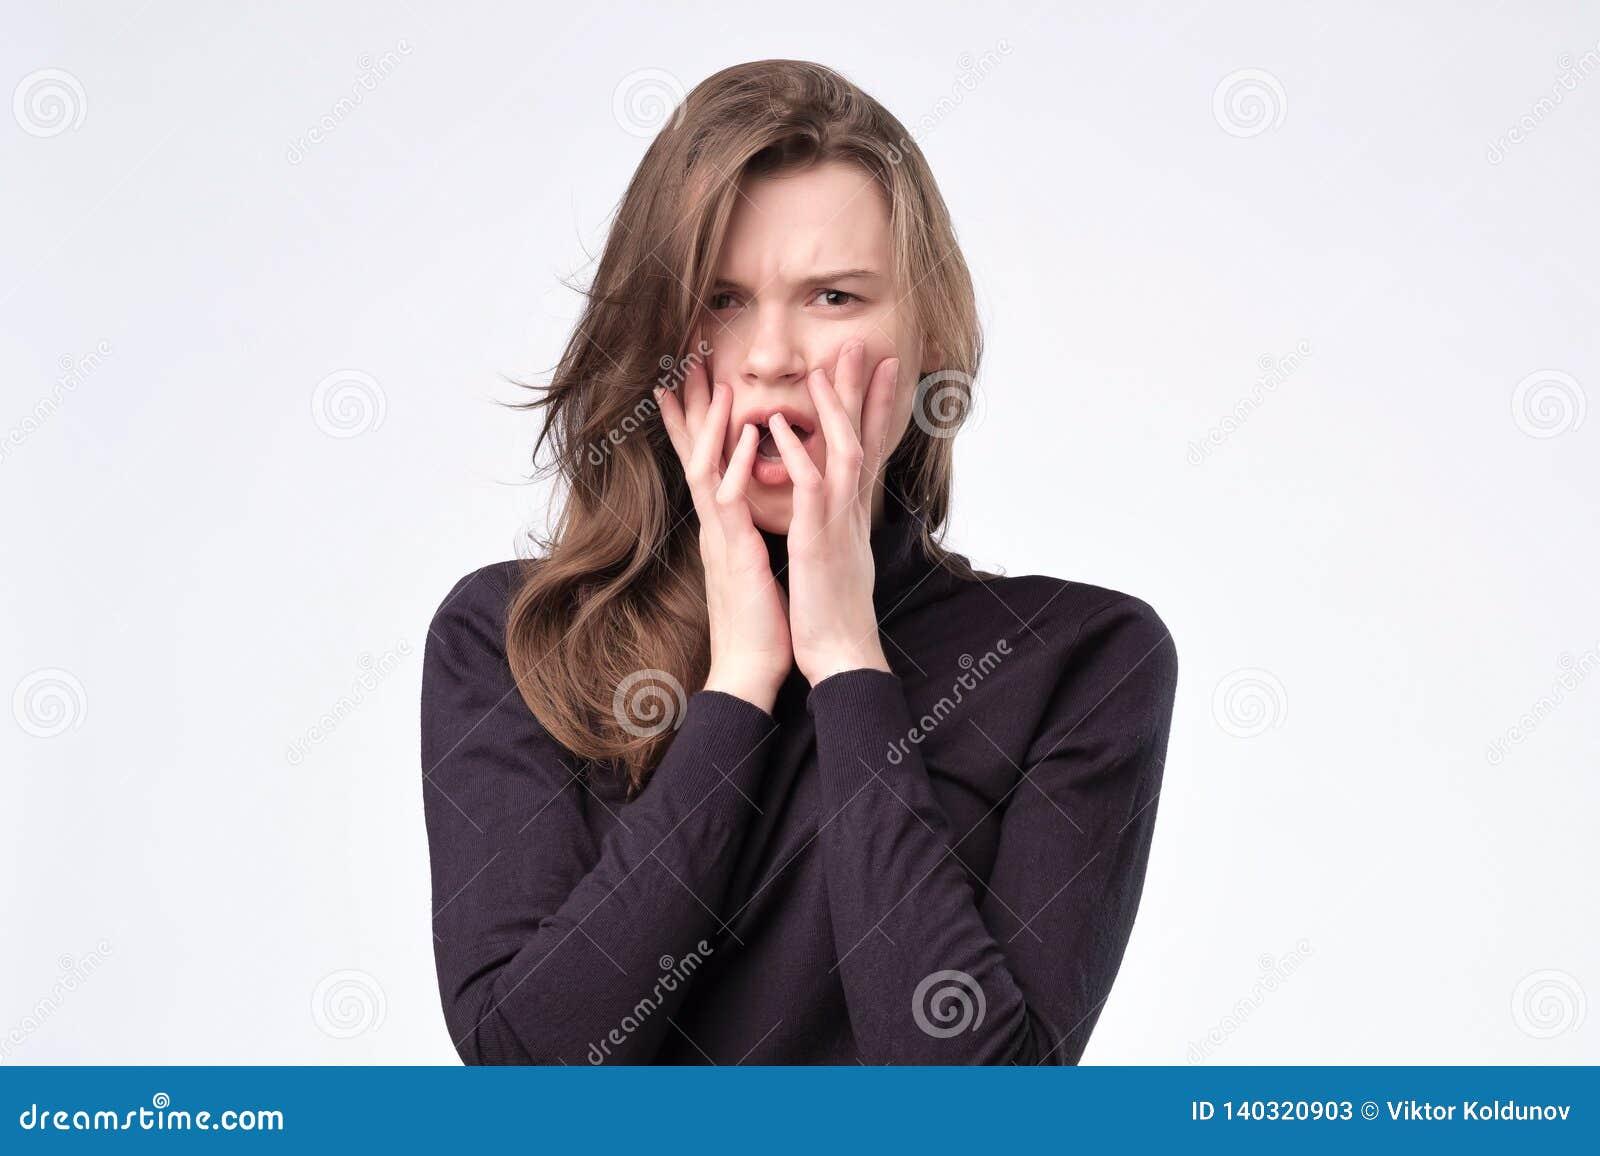 Europäische hübsche junge Frau erschrocken, ängstlich und besorgt, ihre Fingernägel beißend